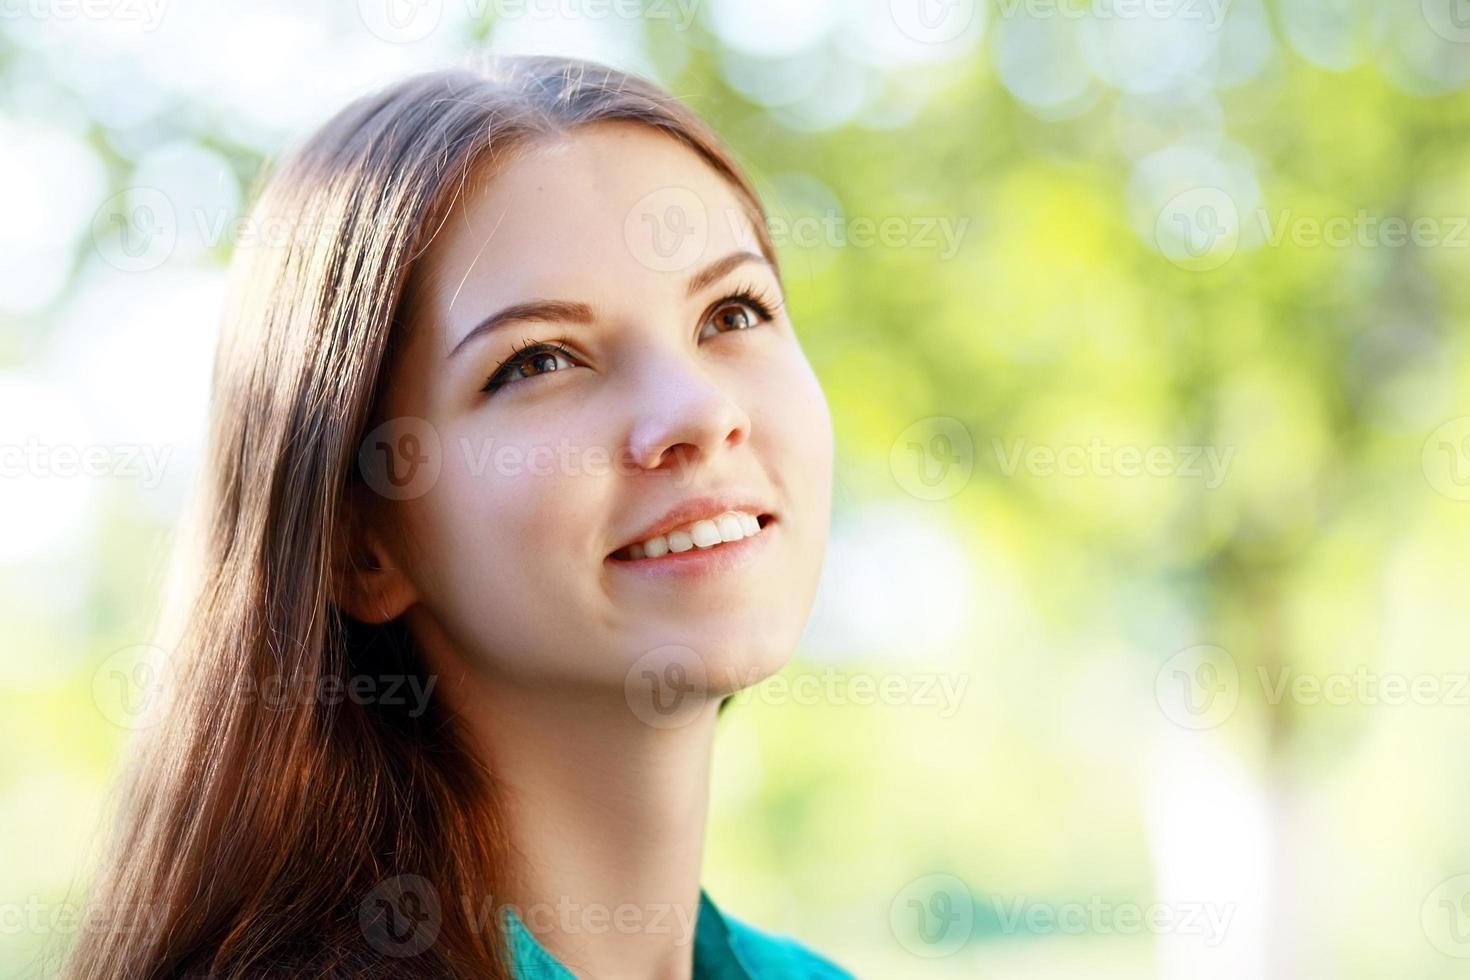 ragazza adolescente alla ricerca foto